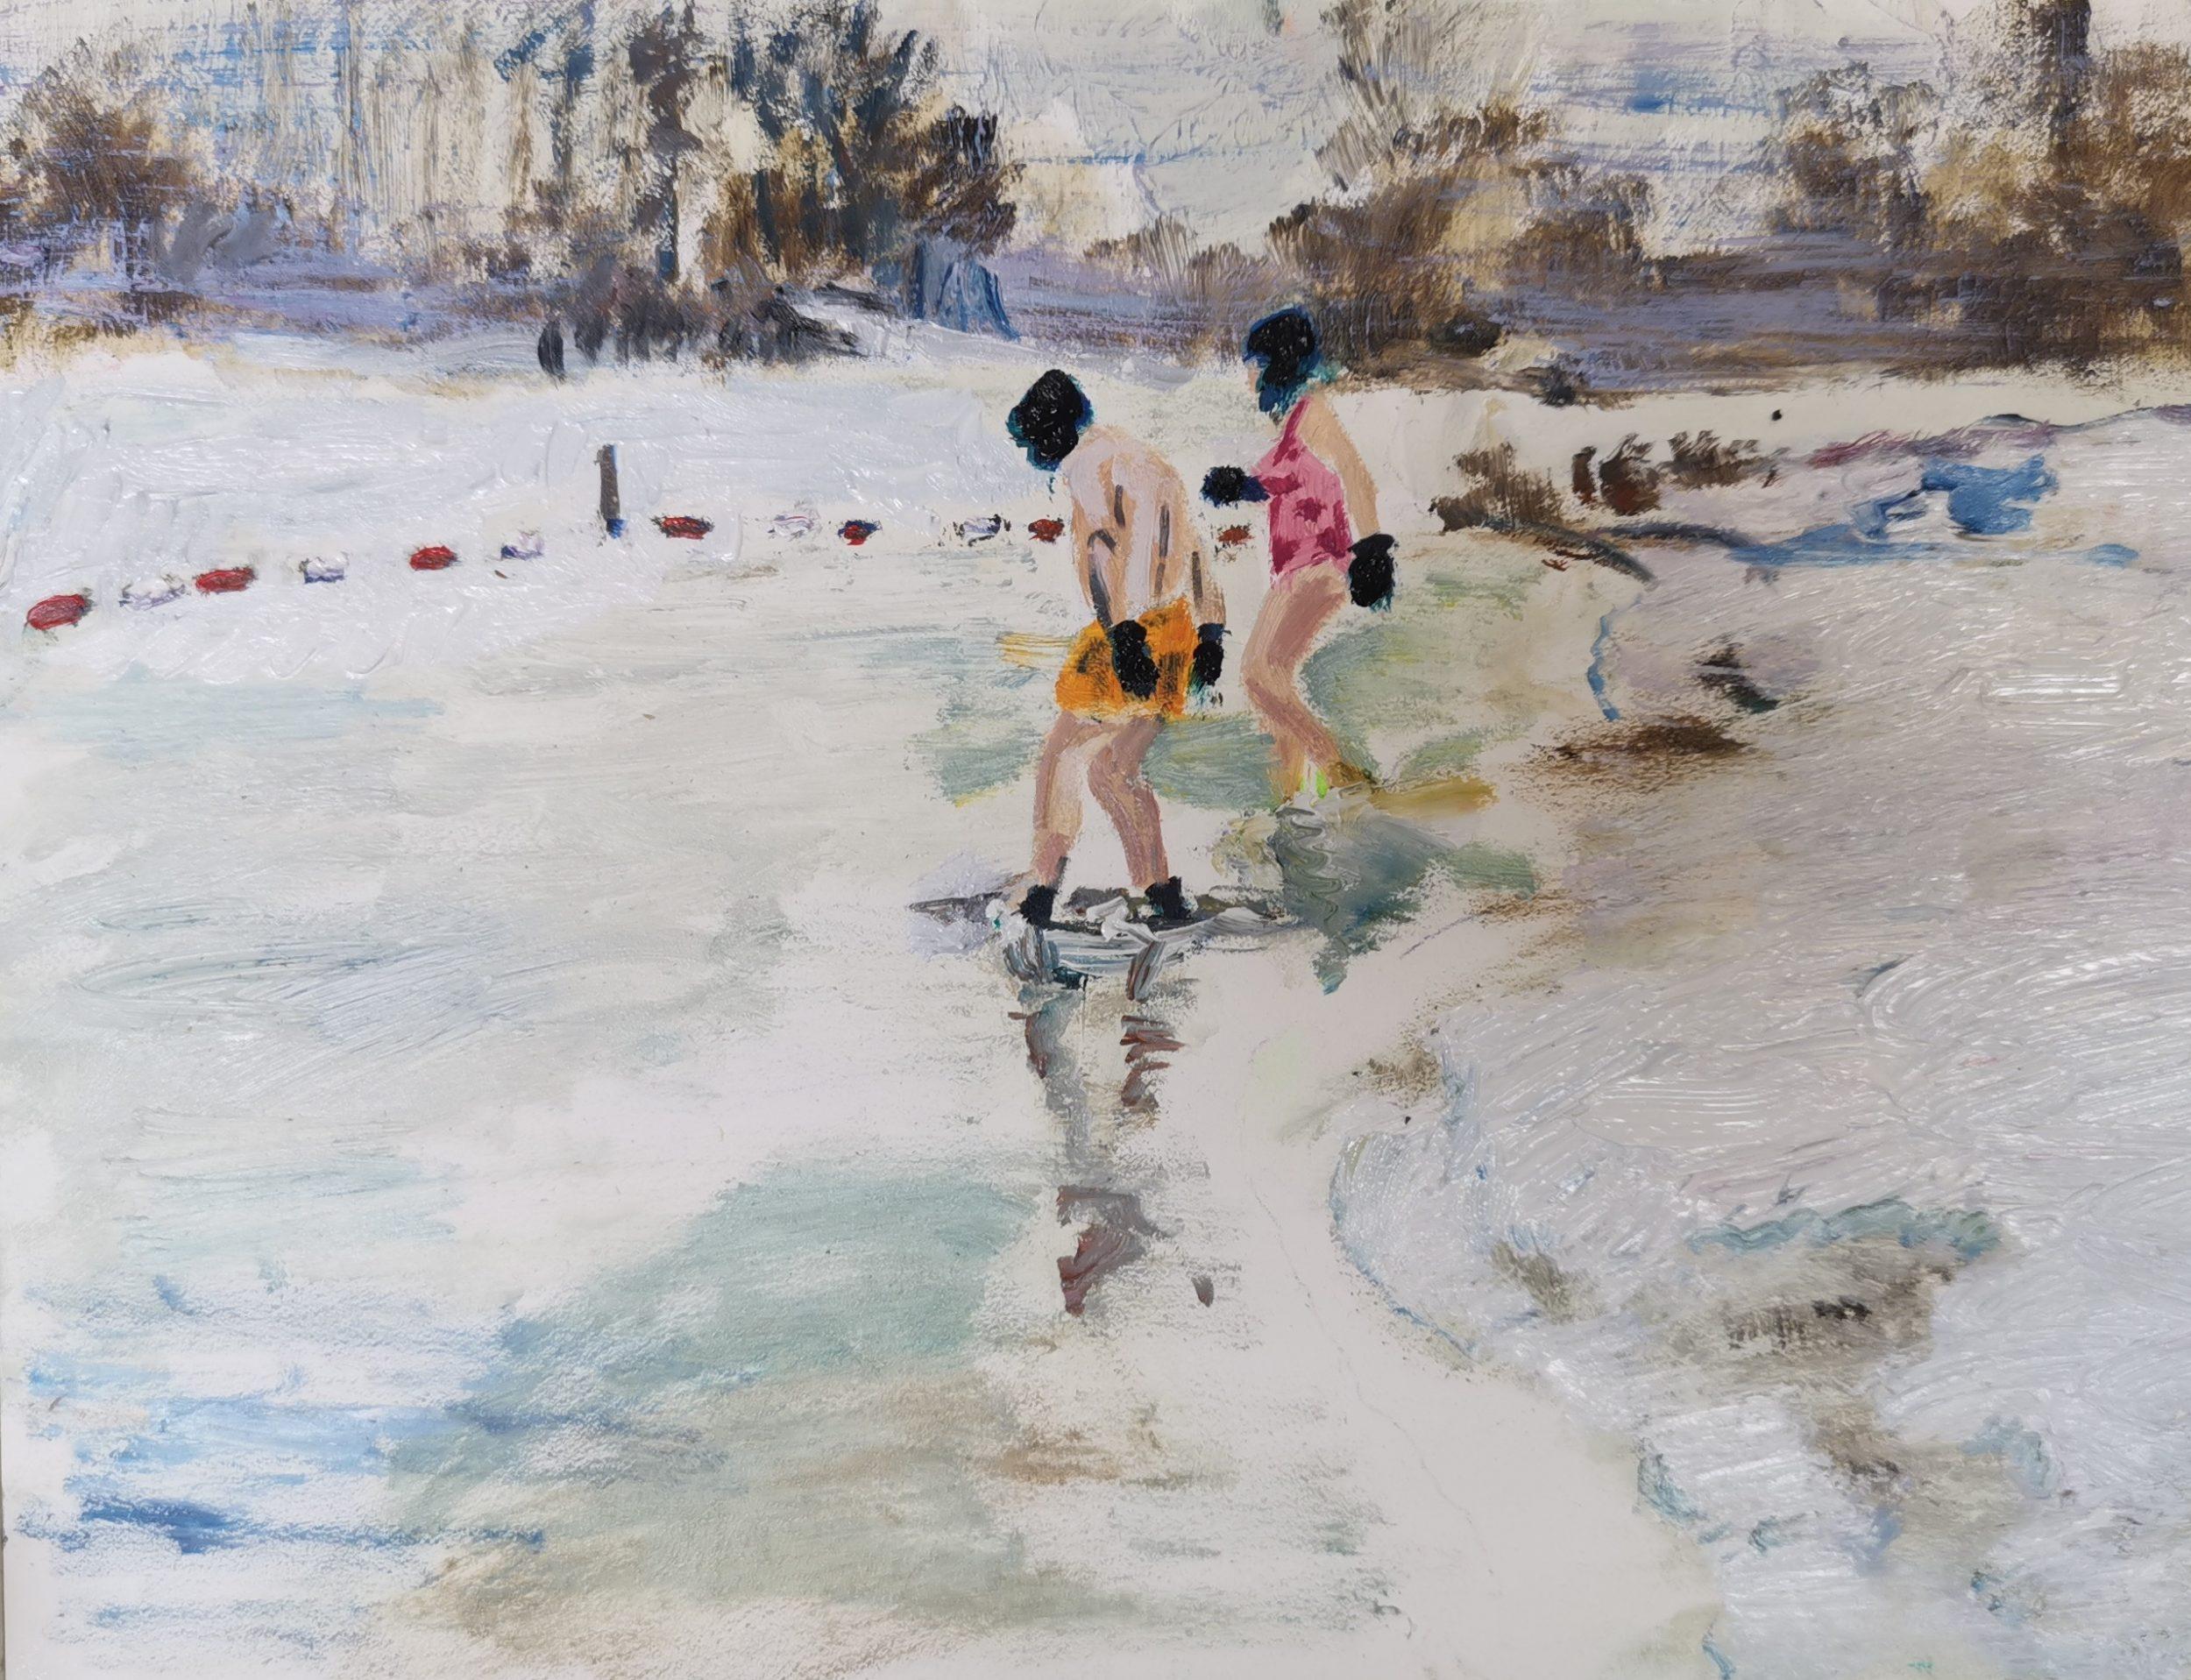 winterzwemmen 3